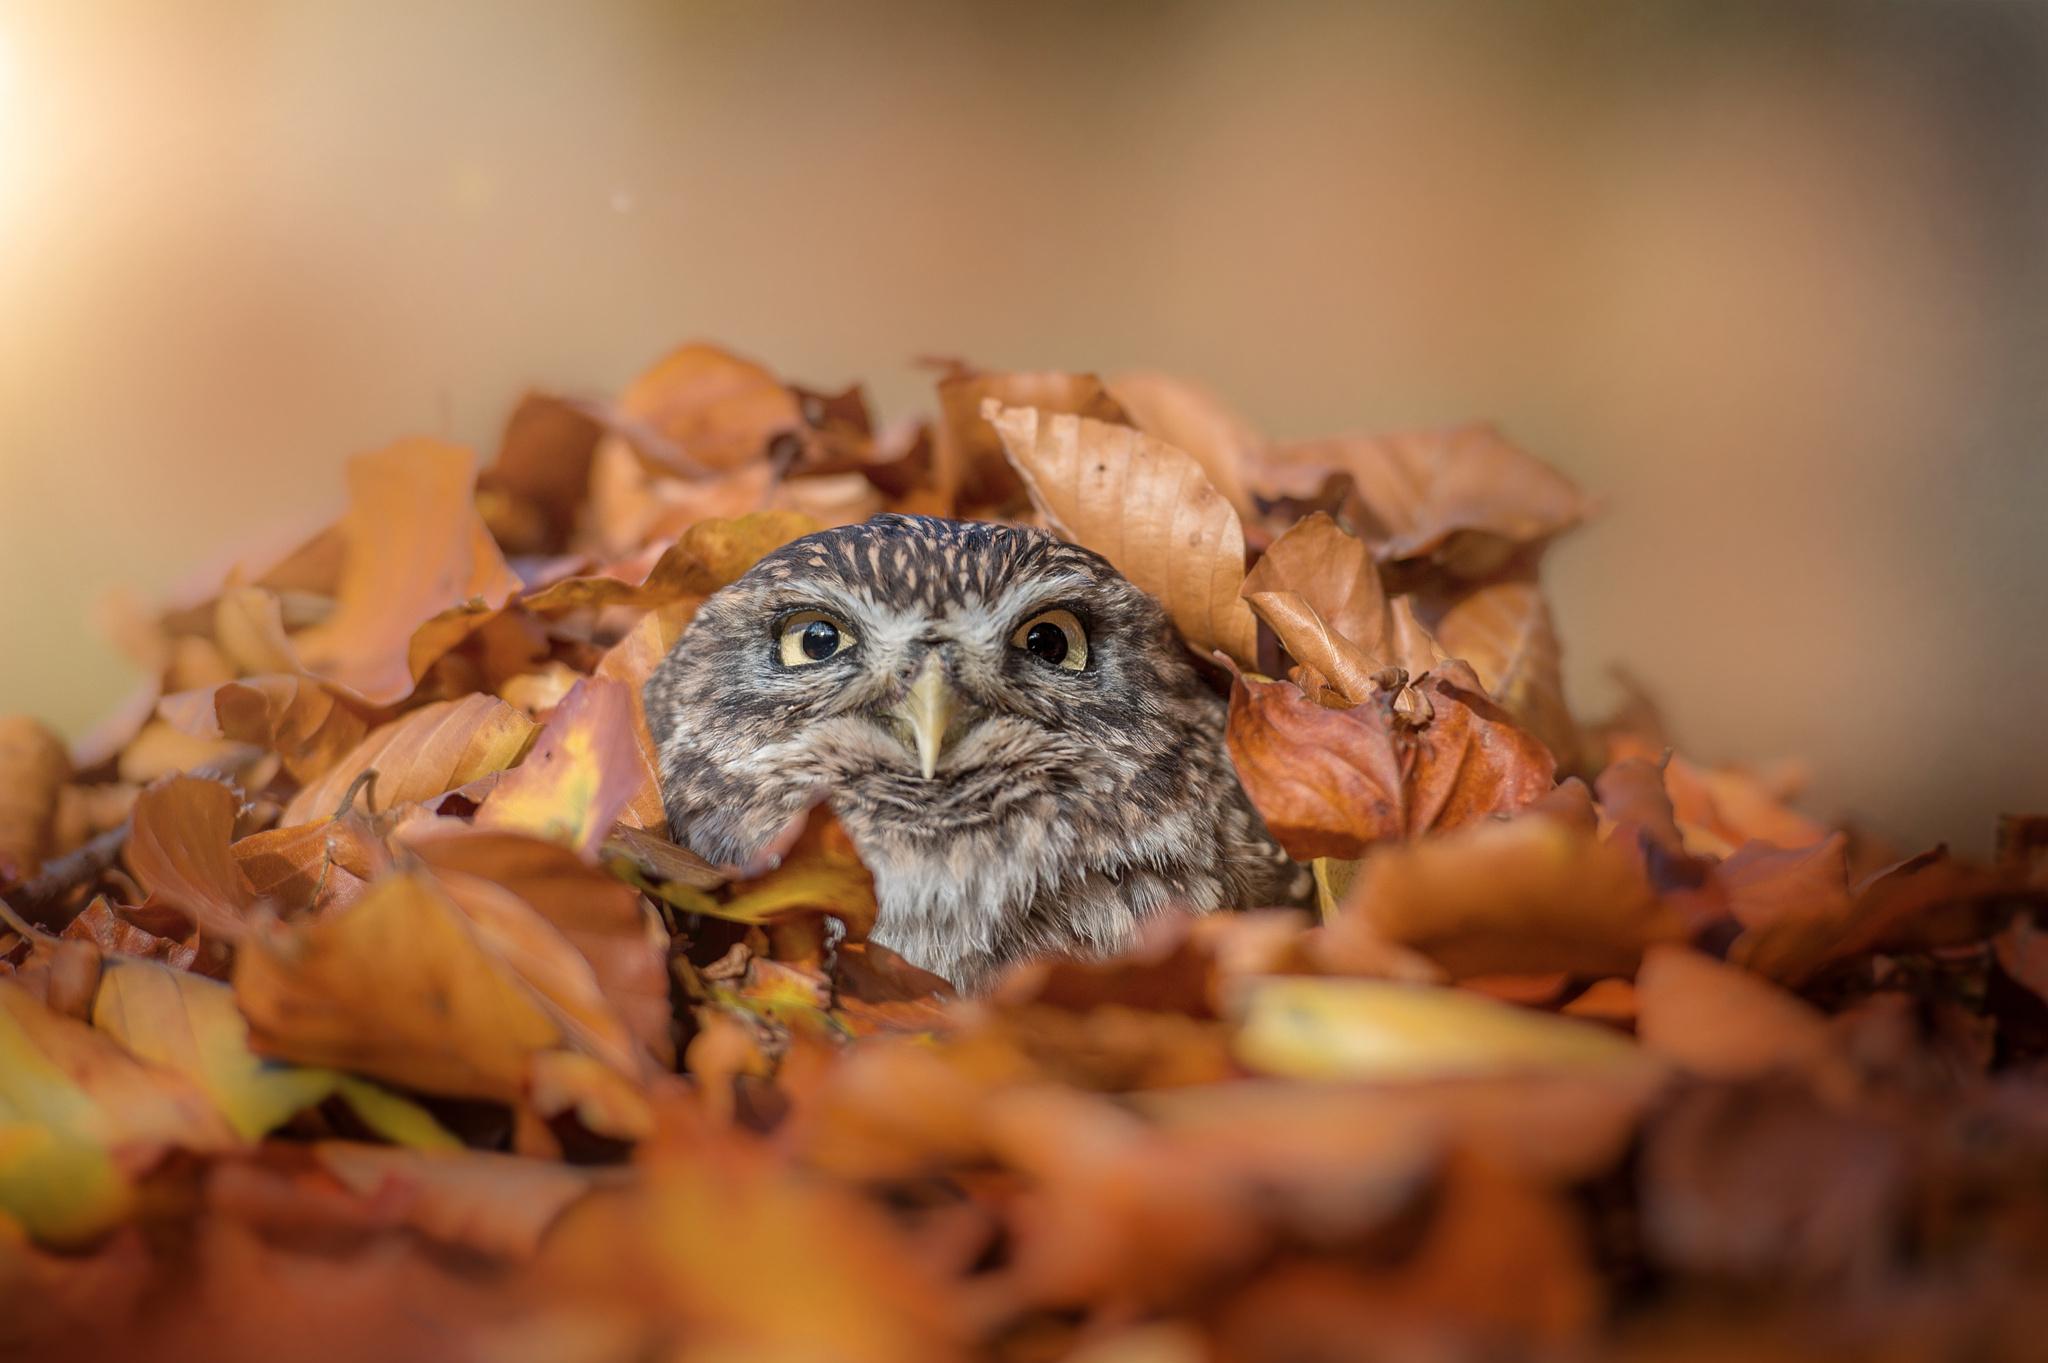 природа животные сова птицы осень листья бесплатно